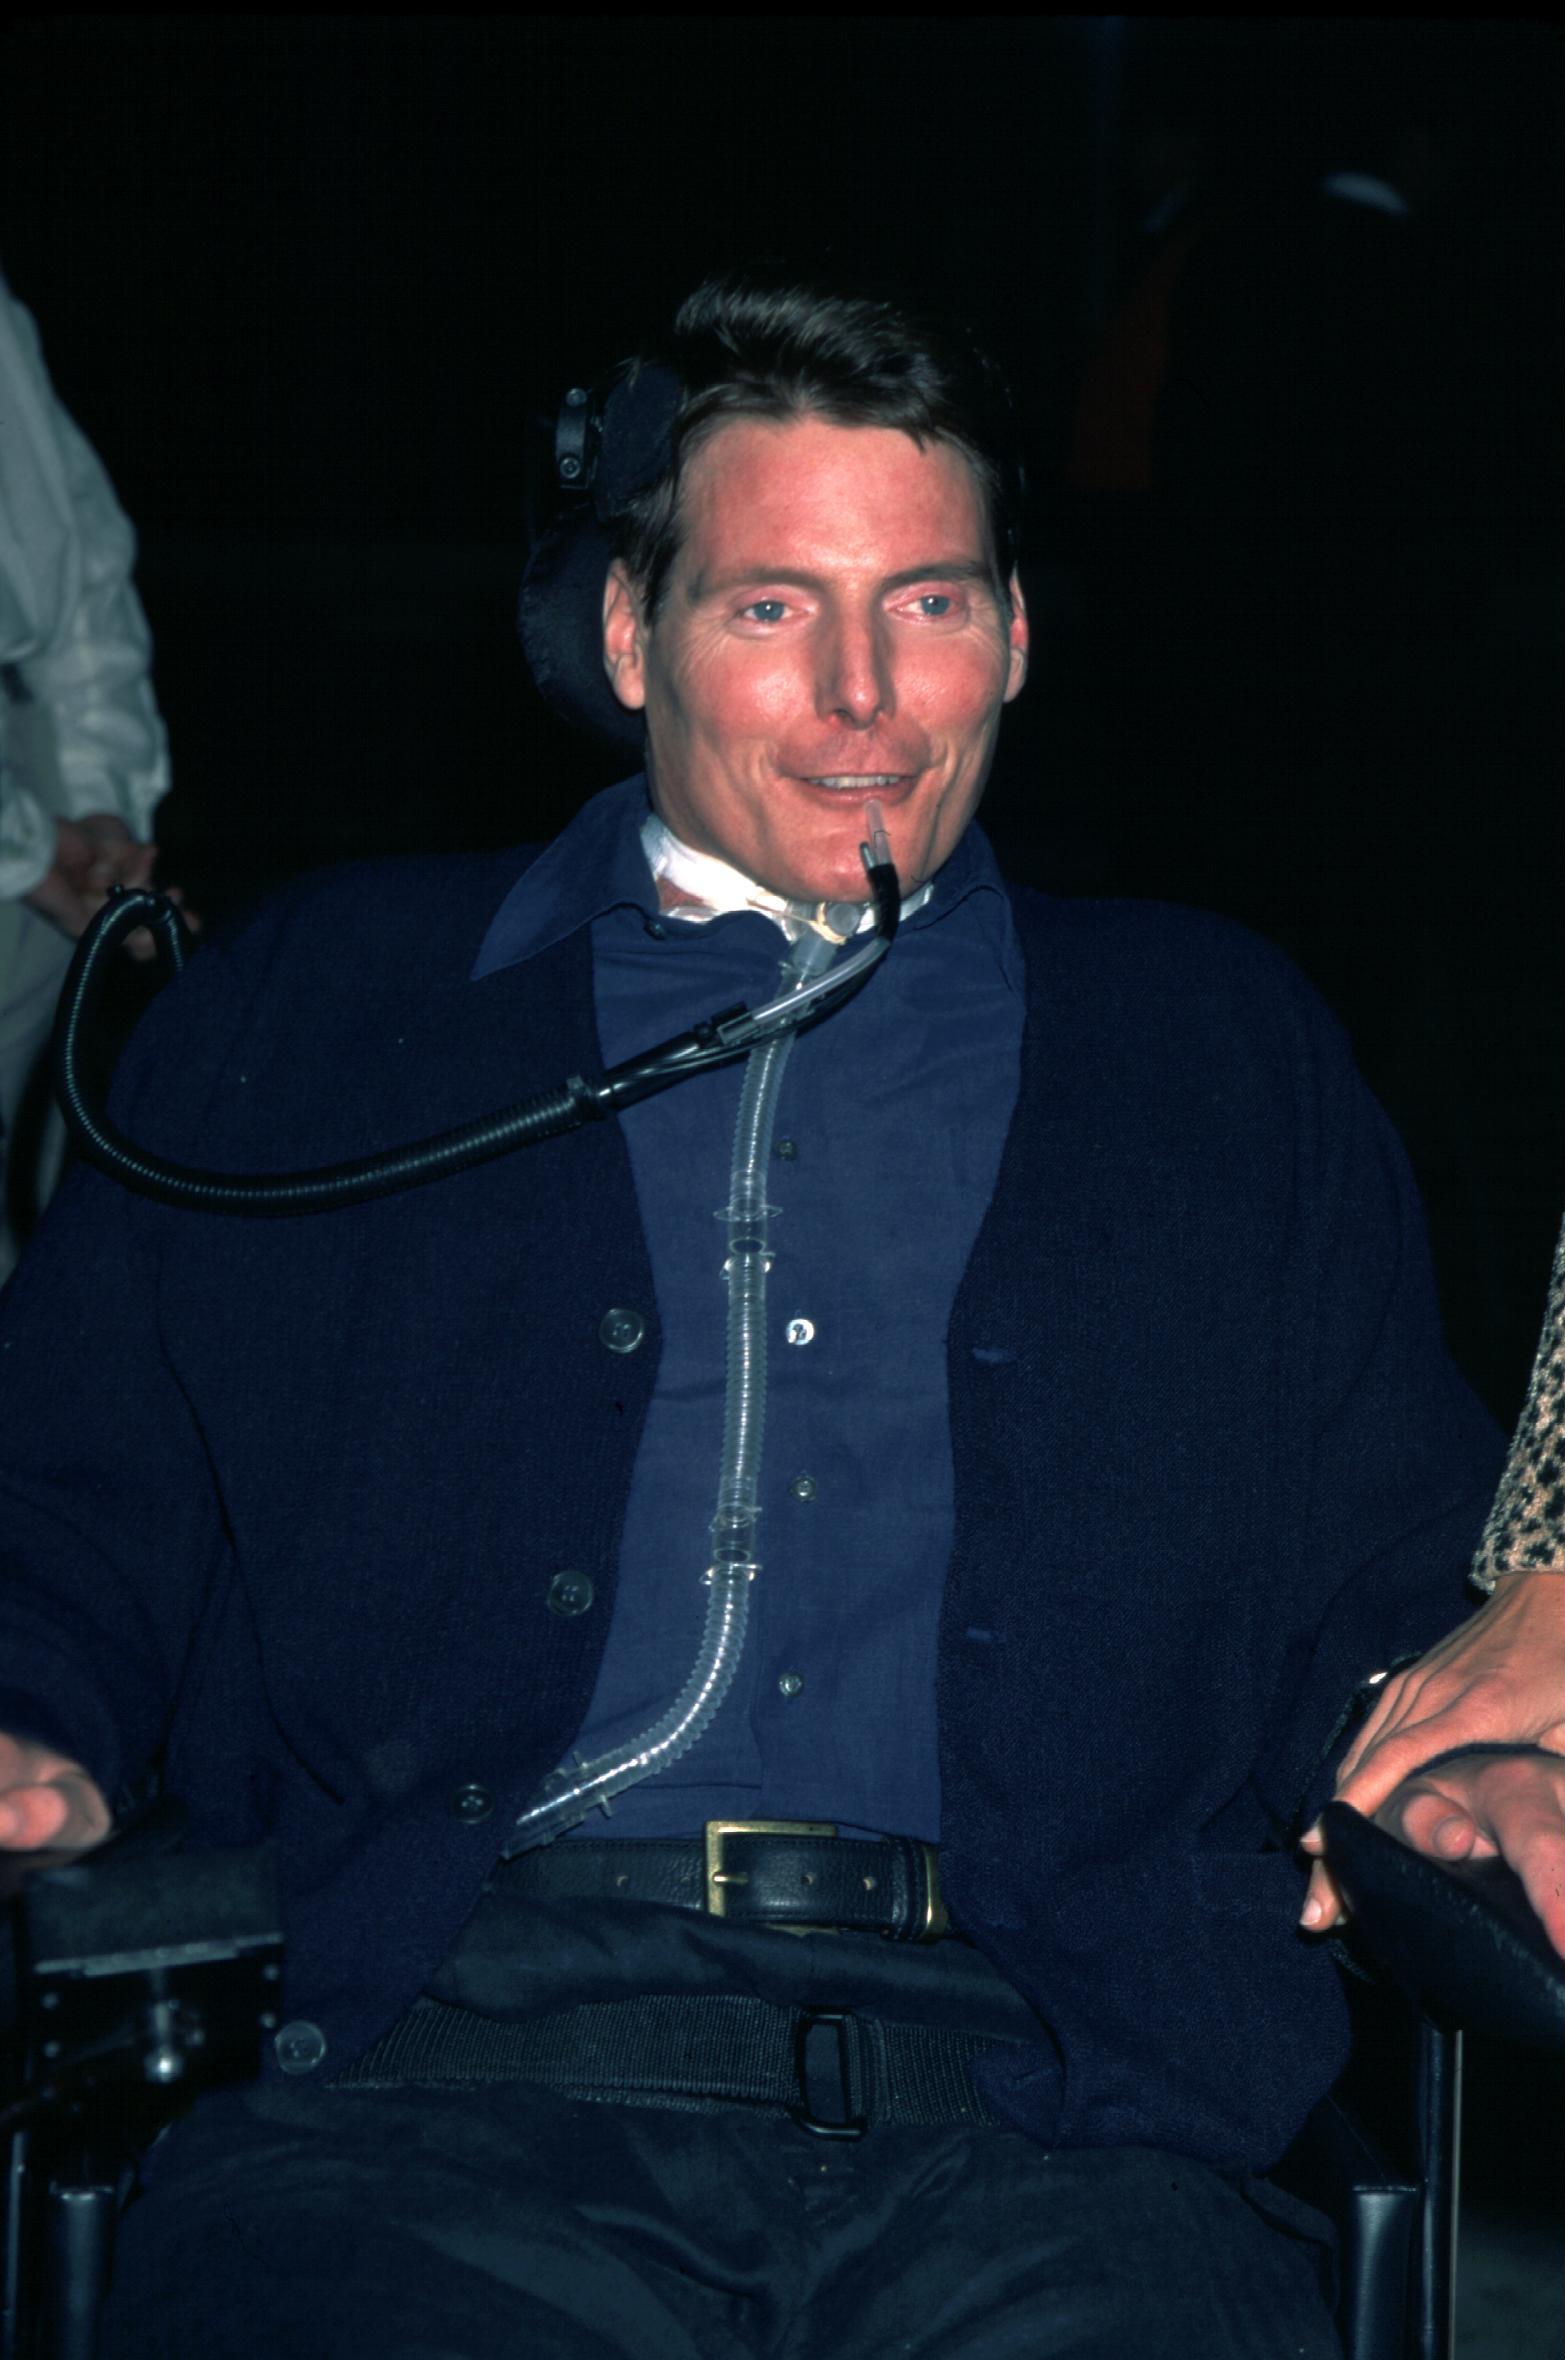 АктьорътКристофър Рийв на партито по случай наградите. Той става световноизвестен с ролята си на Супермен от 1978 г.На 27 май 1995 г. пада от коня по време на надбягвания в щатаВирджиния, счупва шийни прешлени и остава парализиран до края на живота си. Лекарите спасяват живота му с уникална операция. Остава парализиран от раменете надолу, не може да диша самостоятелно, говори със специален апарат.